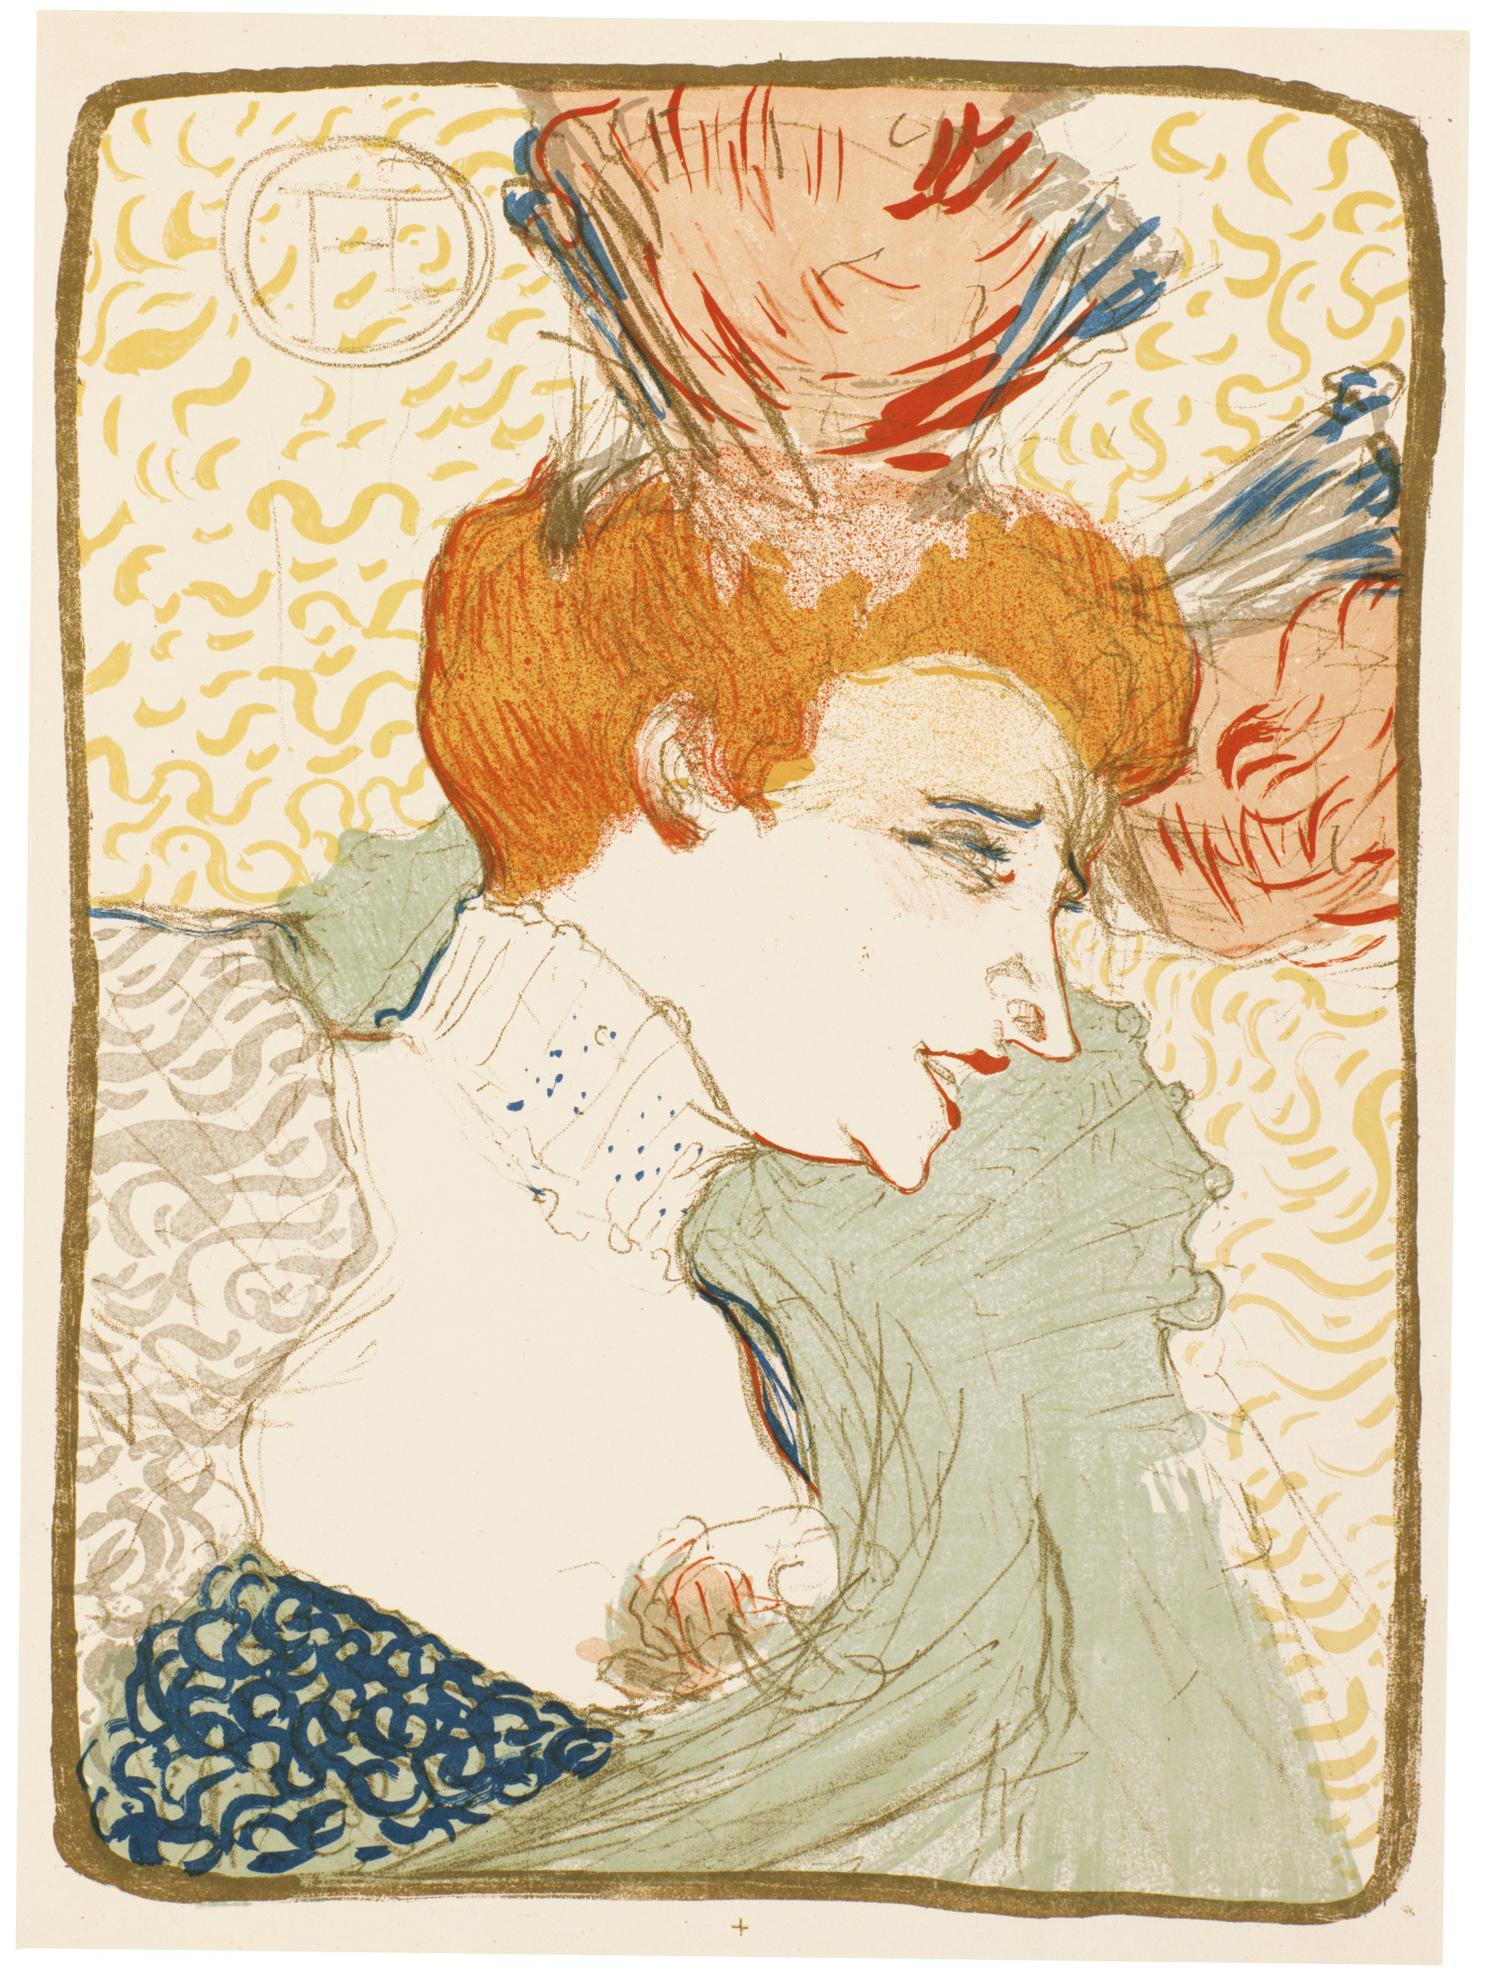 Henri de Toulouse-Lautrec-Mademoiselle Marcelle Lender, En Buste (Delteil 102; Adriani 115;Wittrock 99)-1895